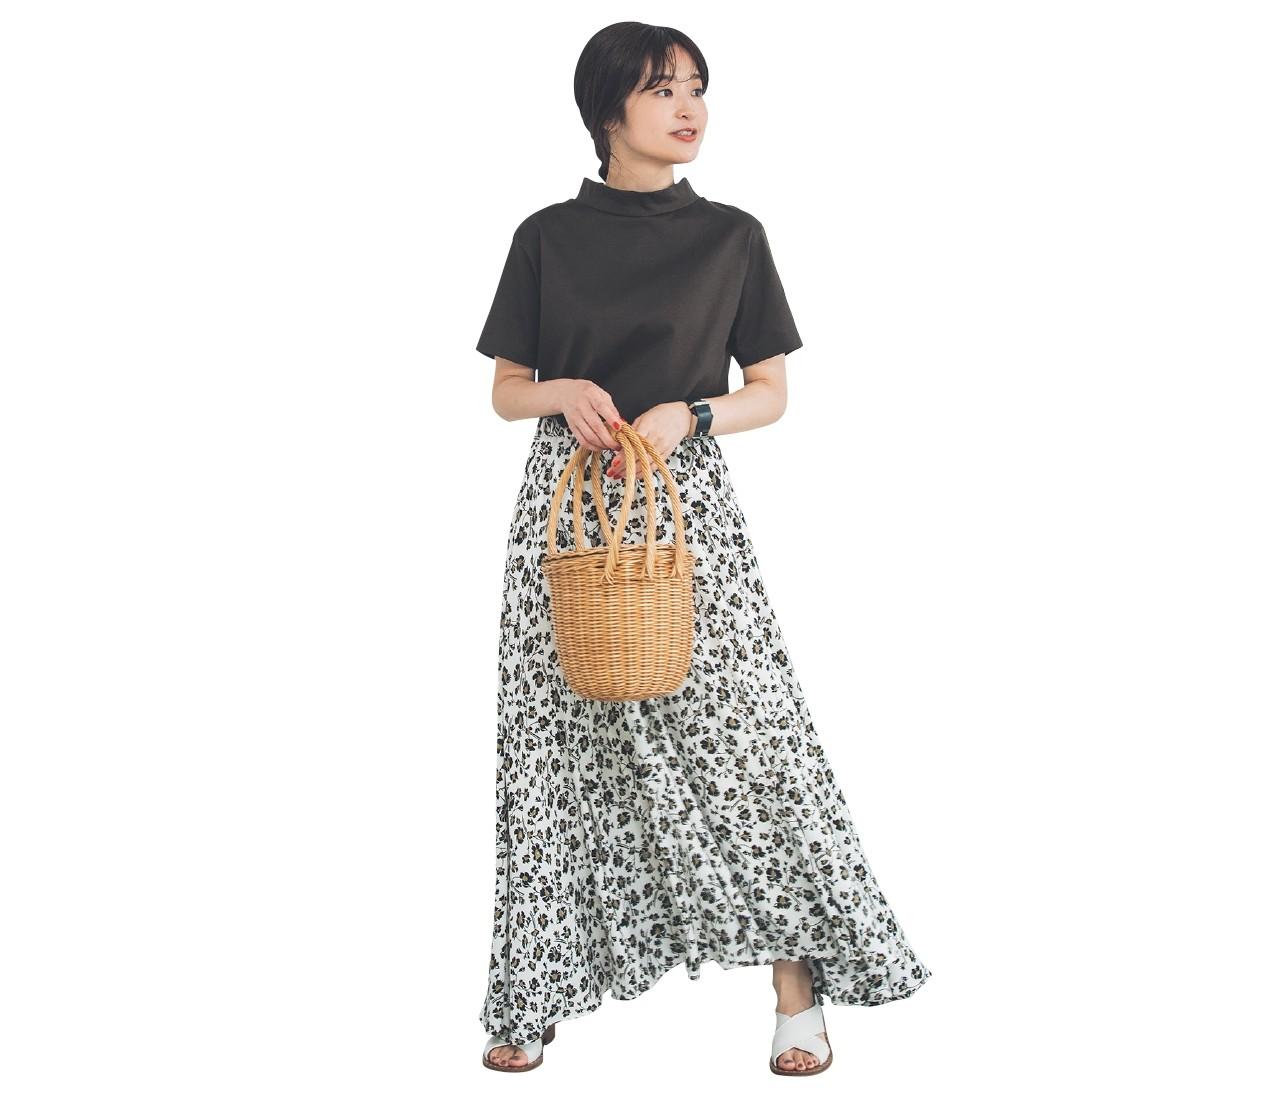 【30代女子の夏ファッションQ&A】真夏の日もイケる涼しげコーデが知りたい!